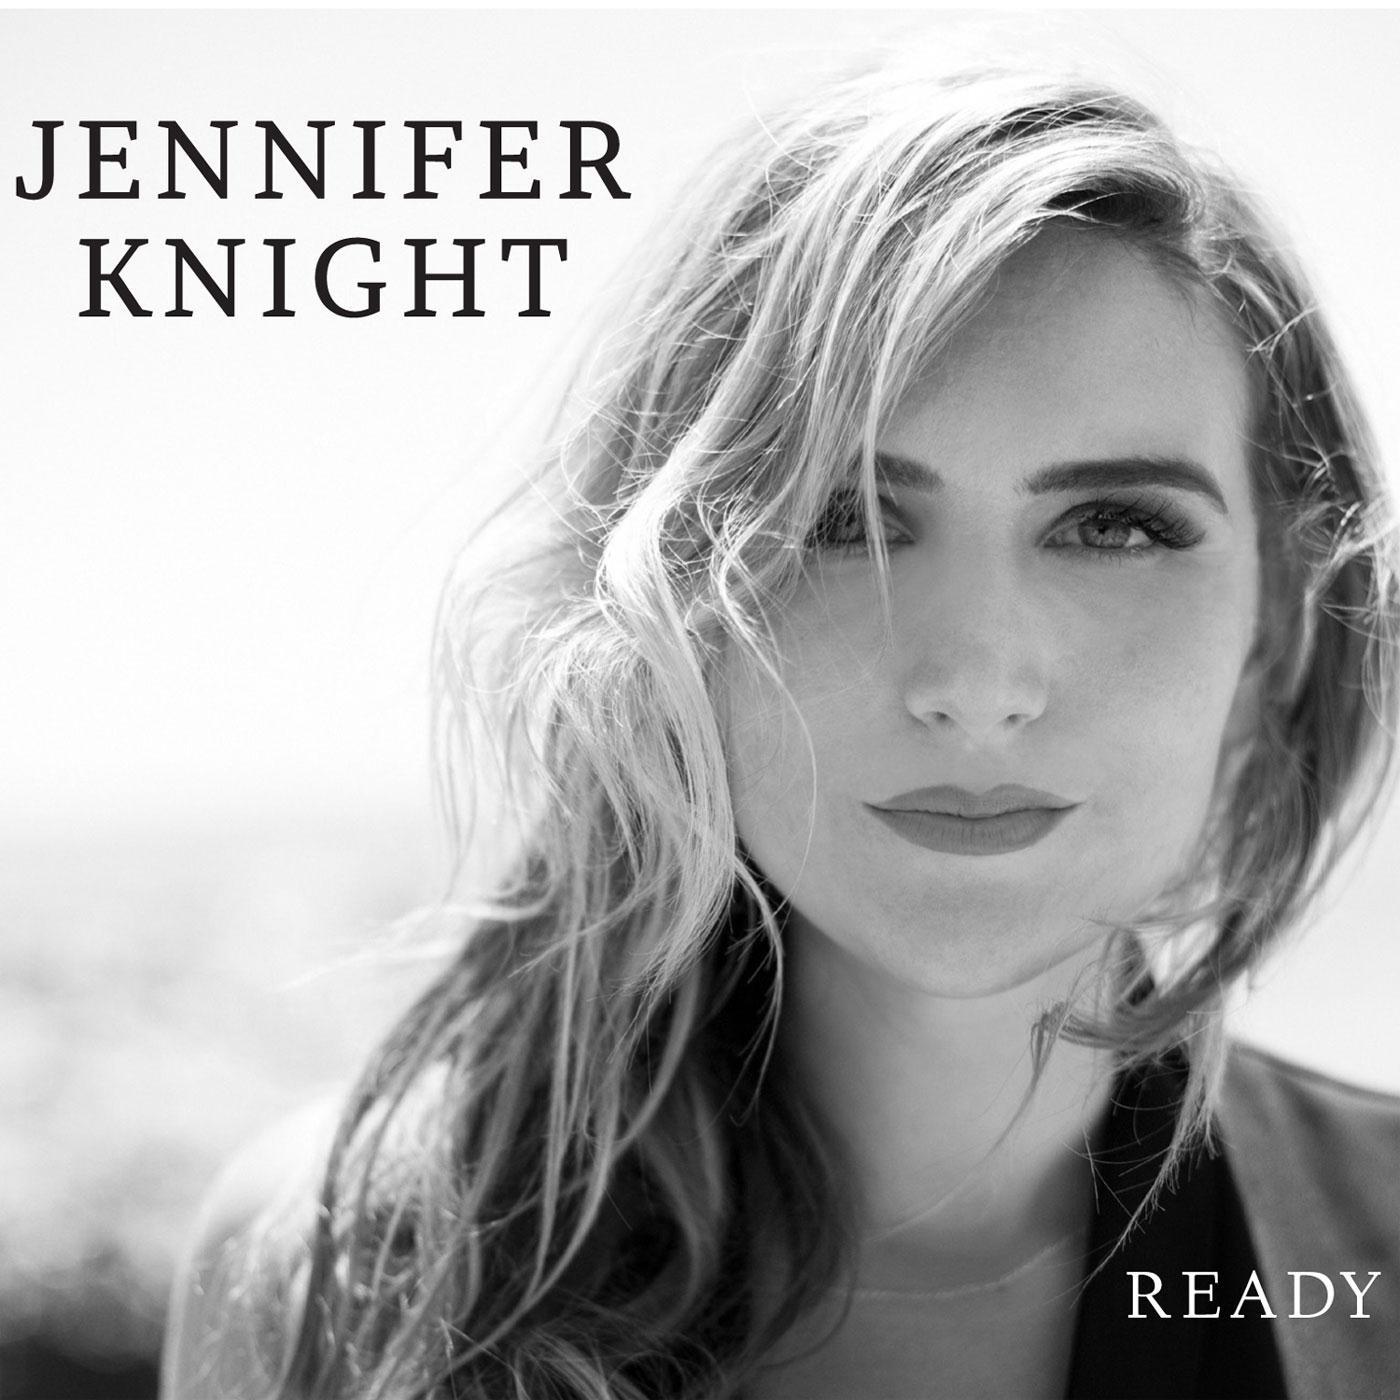 Jennifar knight nackt xxx galleries